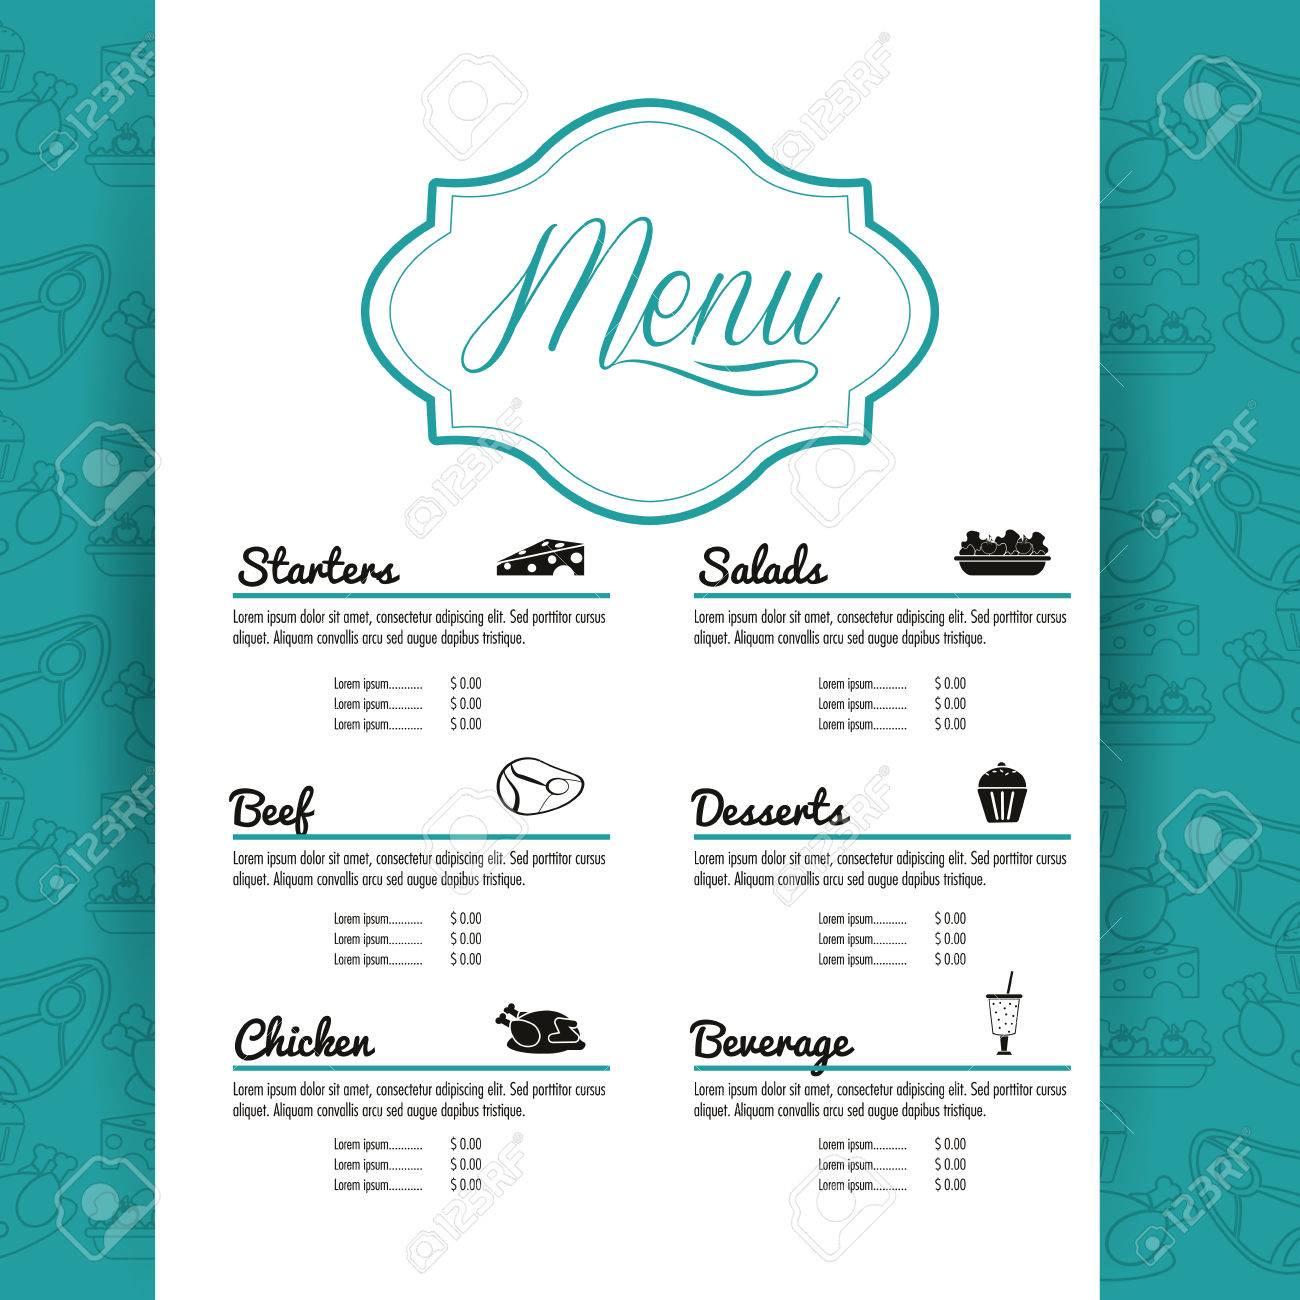 Vorspeisen Salate Rindfleisch Huhn Dessert Getränke Menü Etikett ...